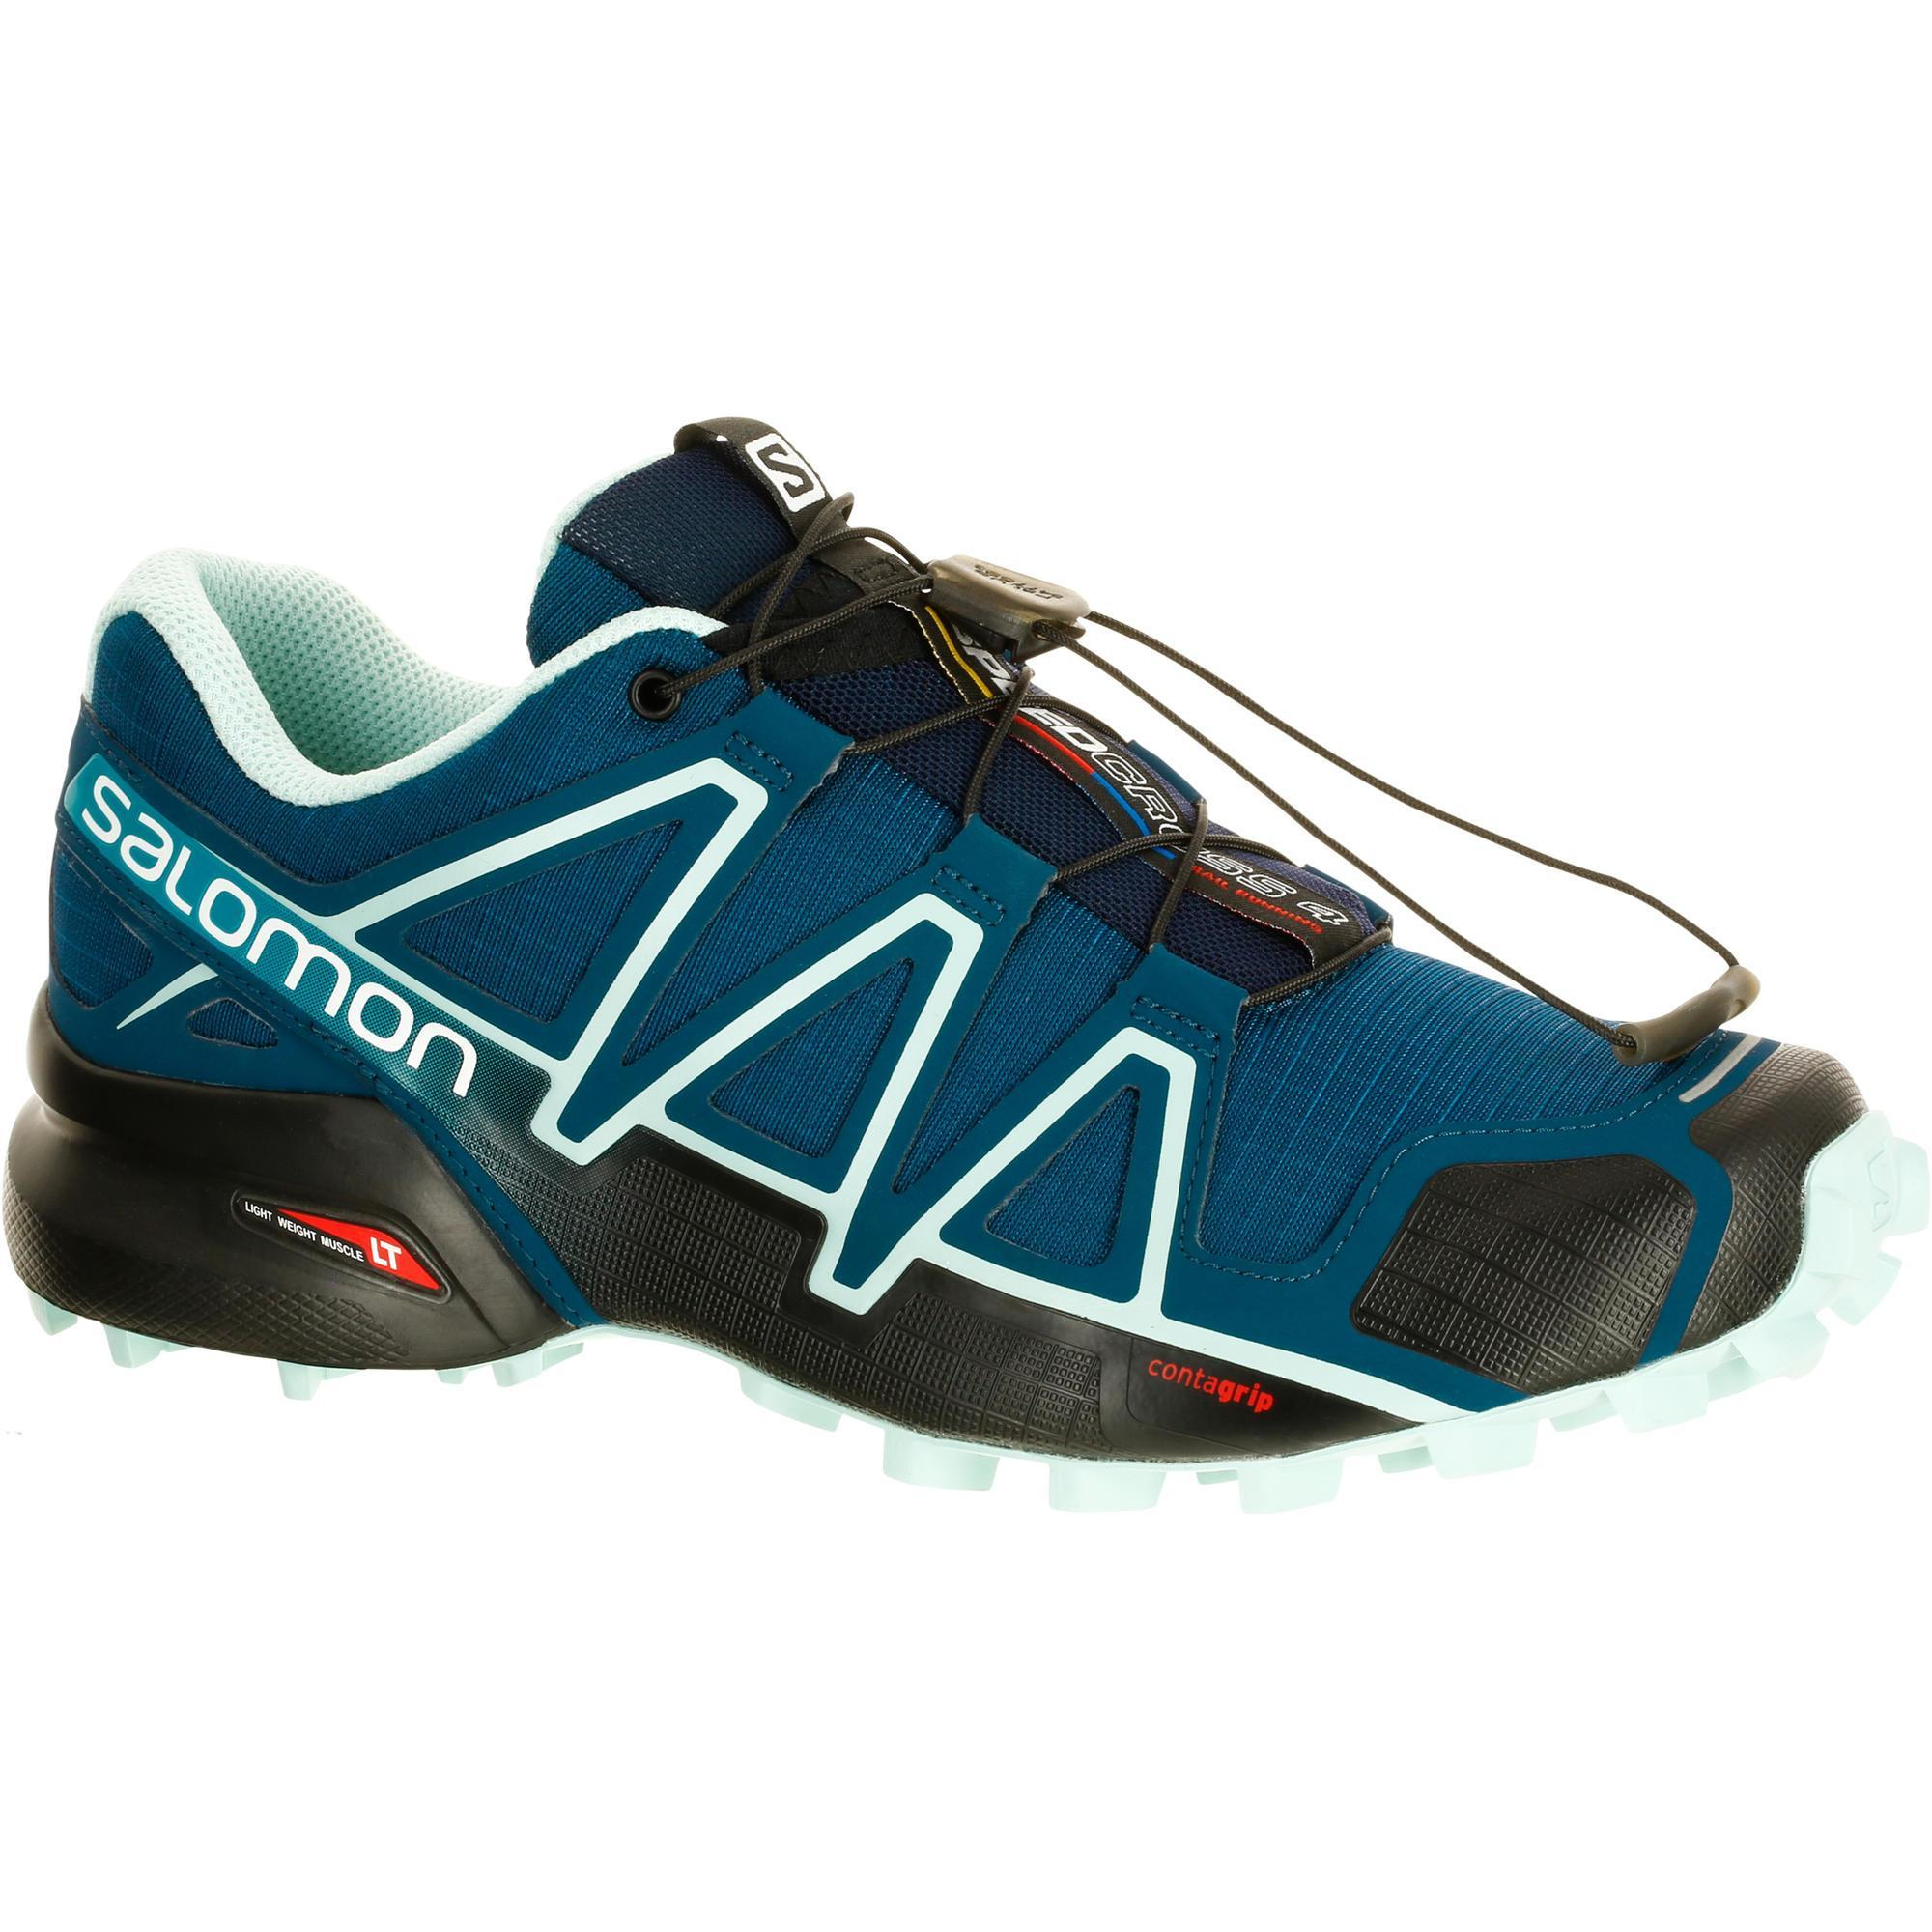 2407209 Salomon Trailschoenen voor dames Salomon Speedcross 4 blauw